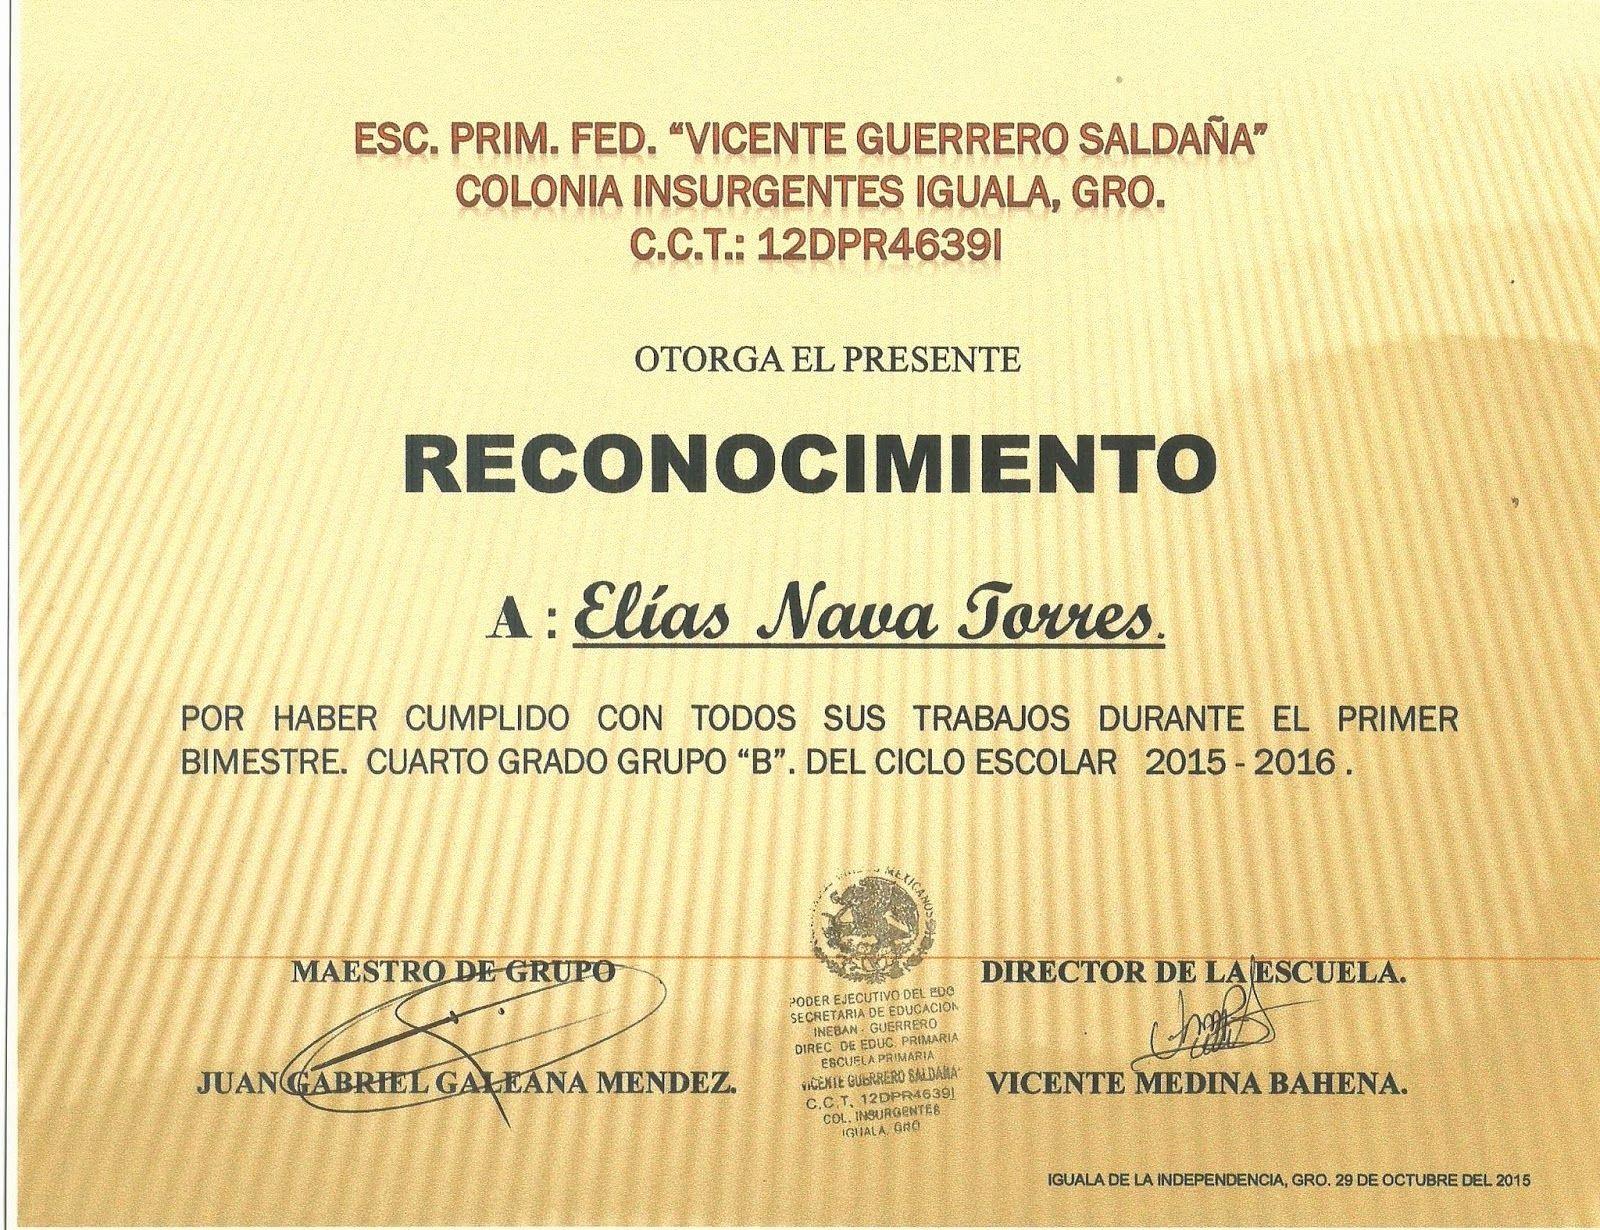 Formatos De Diplomas Para Modificar Inspirational Resultado De Imagen Para formatos De Diplomas Para Editar